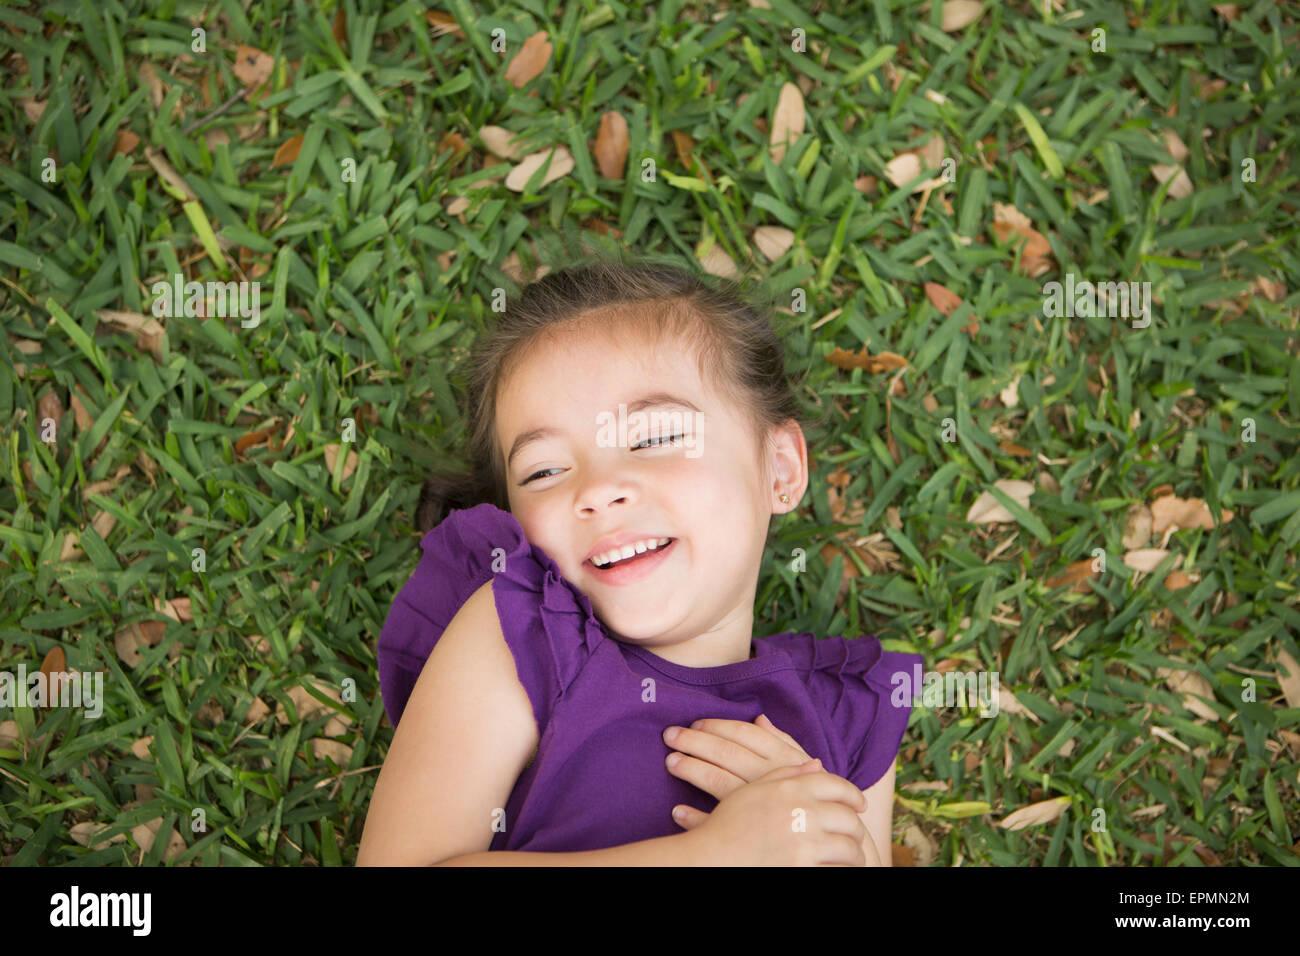 Un niño recostado sobre su espalda en la hierba. Imagen De Stock